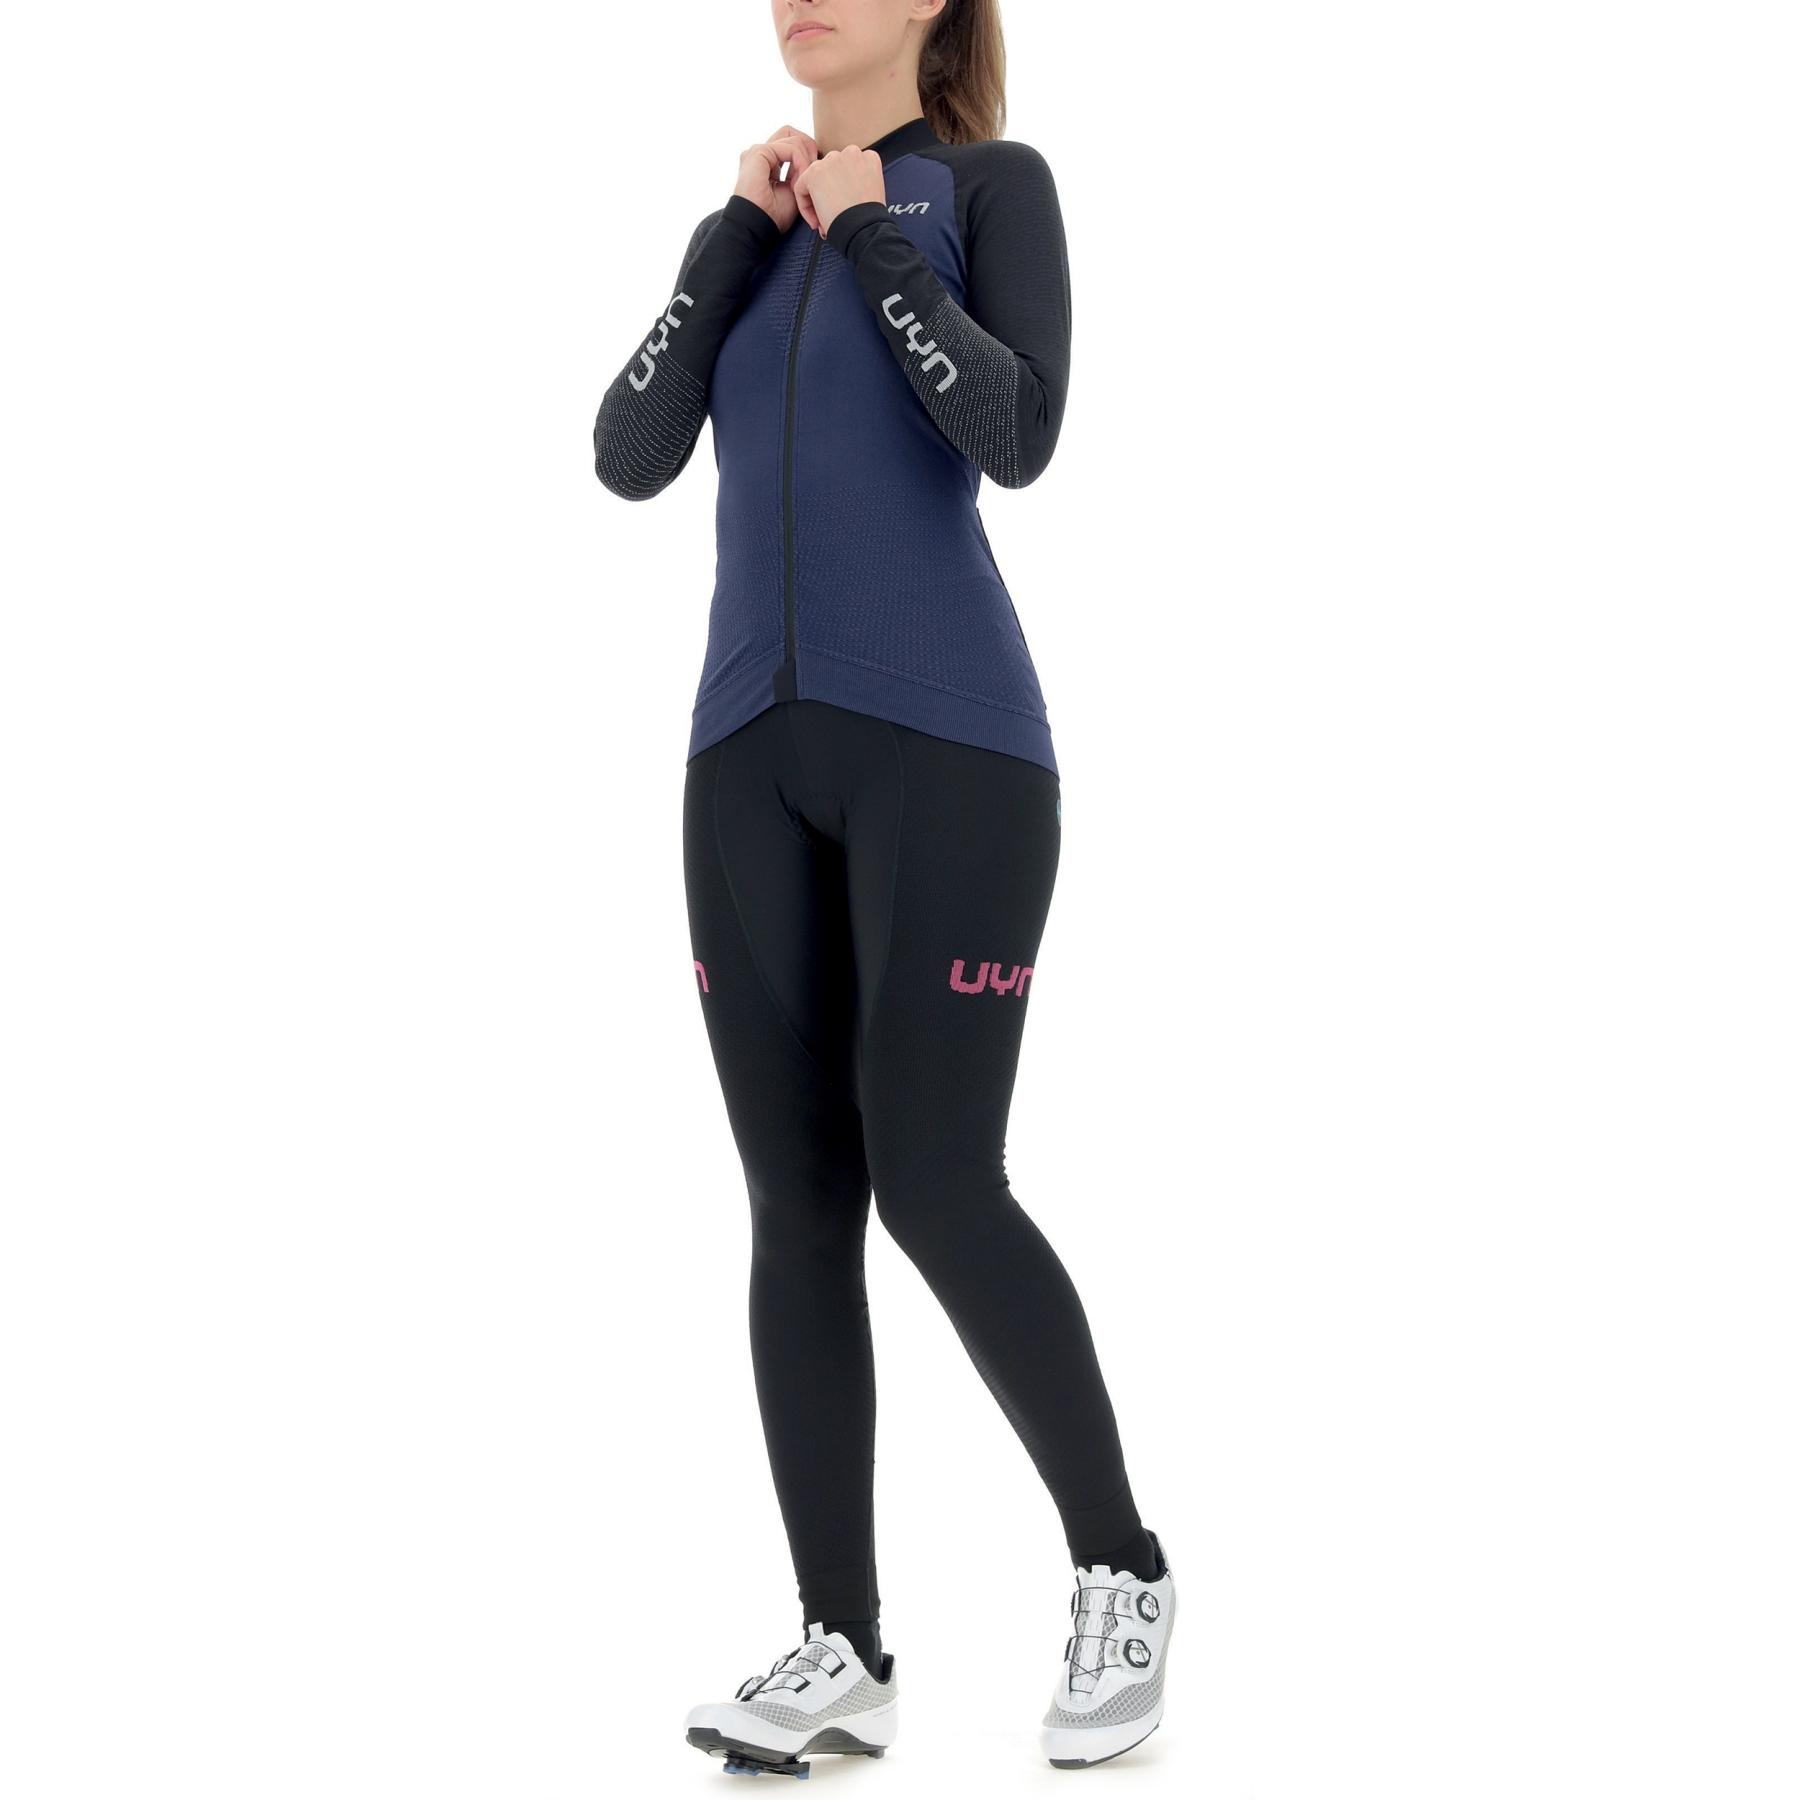 Image of UYN Biking Granfondo Long Sleeve Jersey Women - Peacot/Blackboard